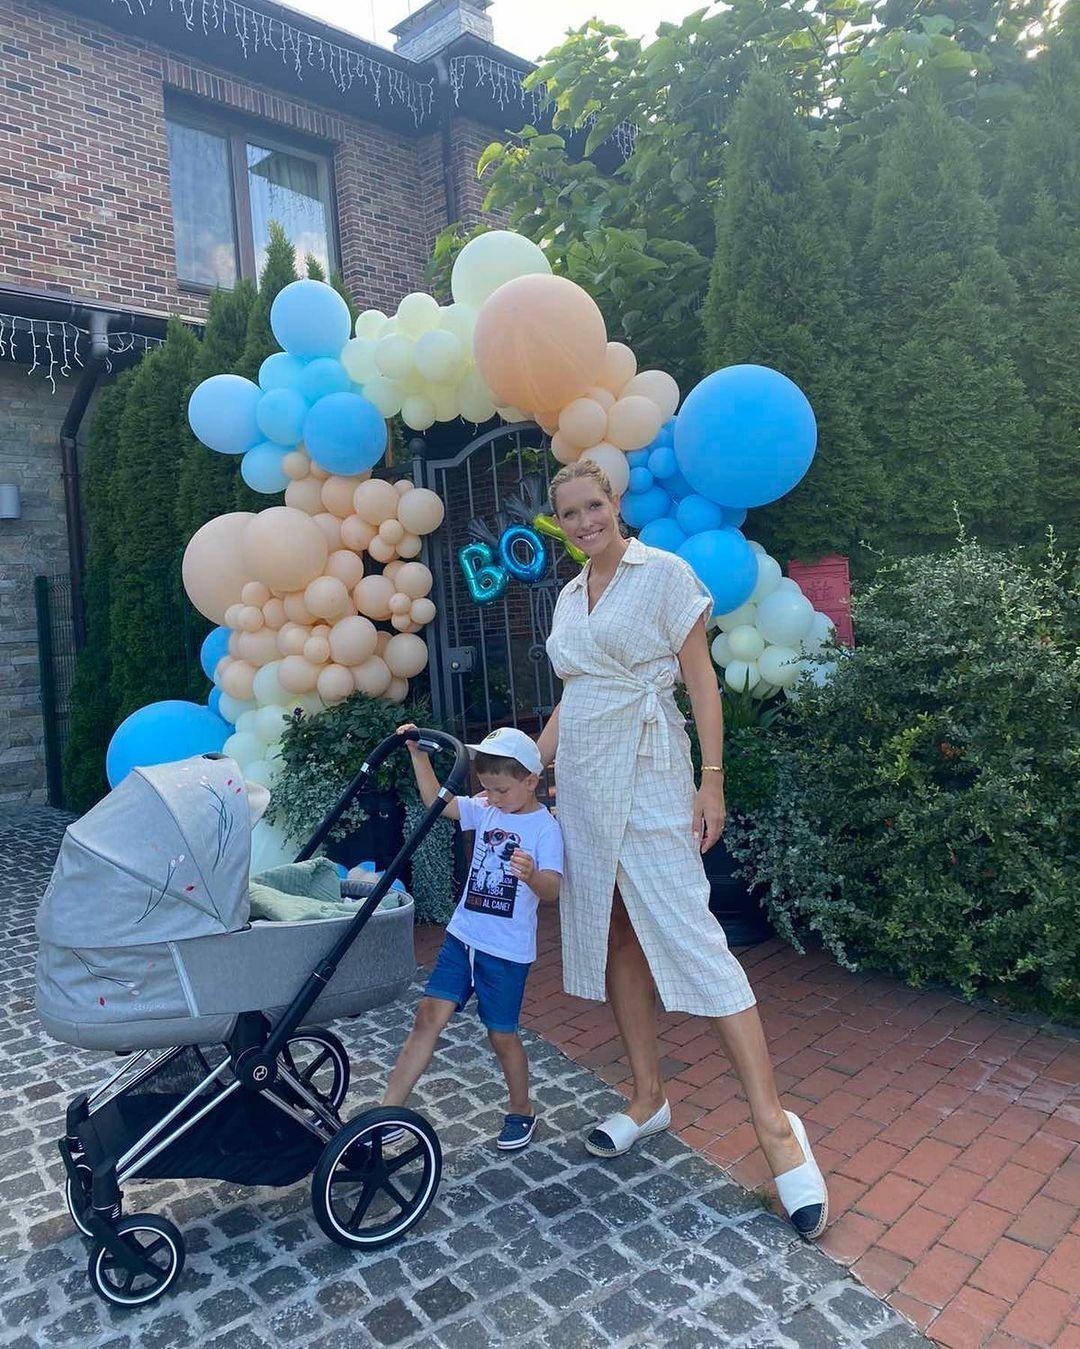 Катя Осадчая возле своего дома с 4-летним сыном и новорожденным малышом